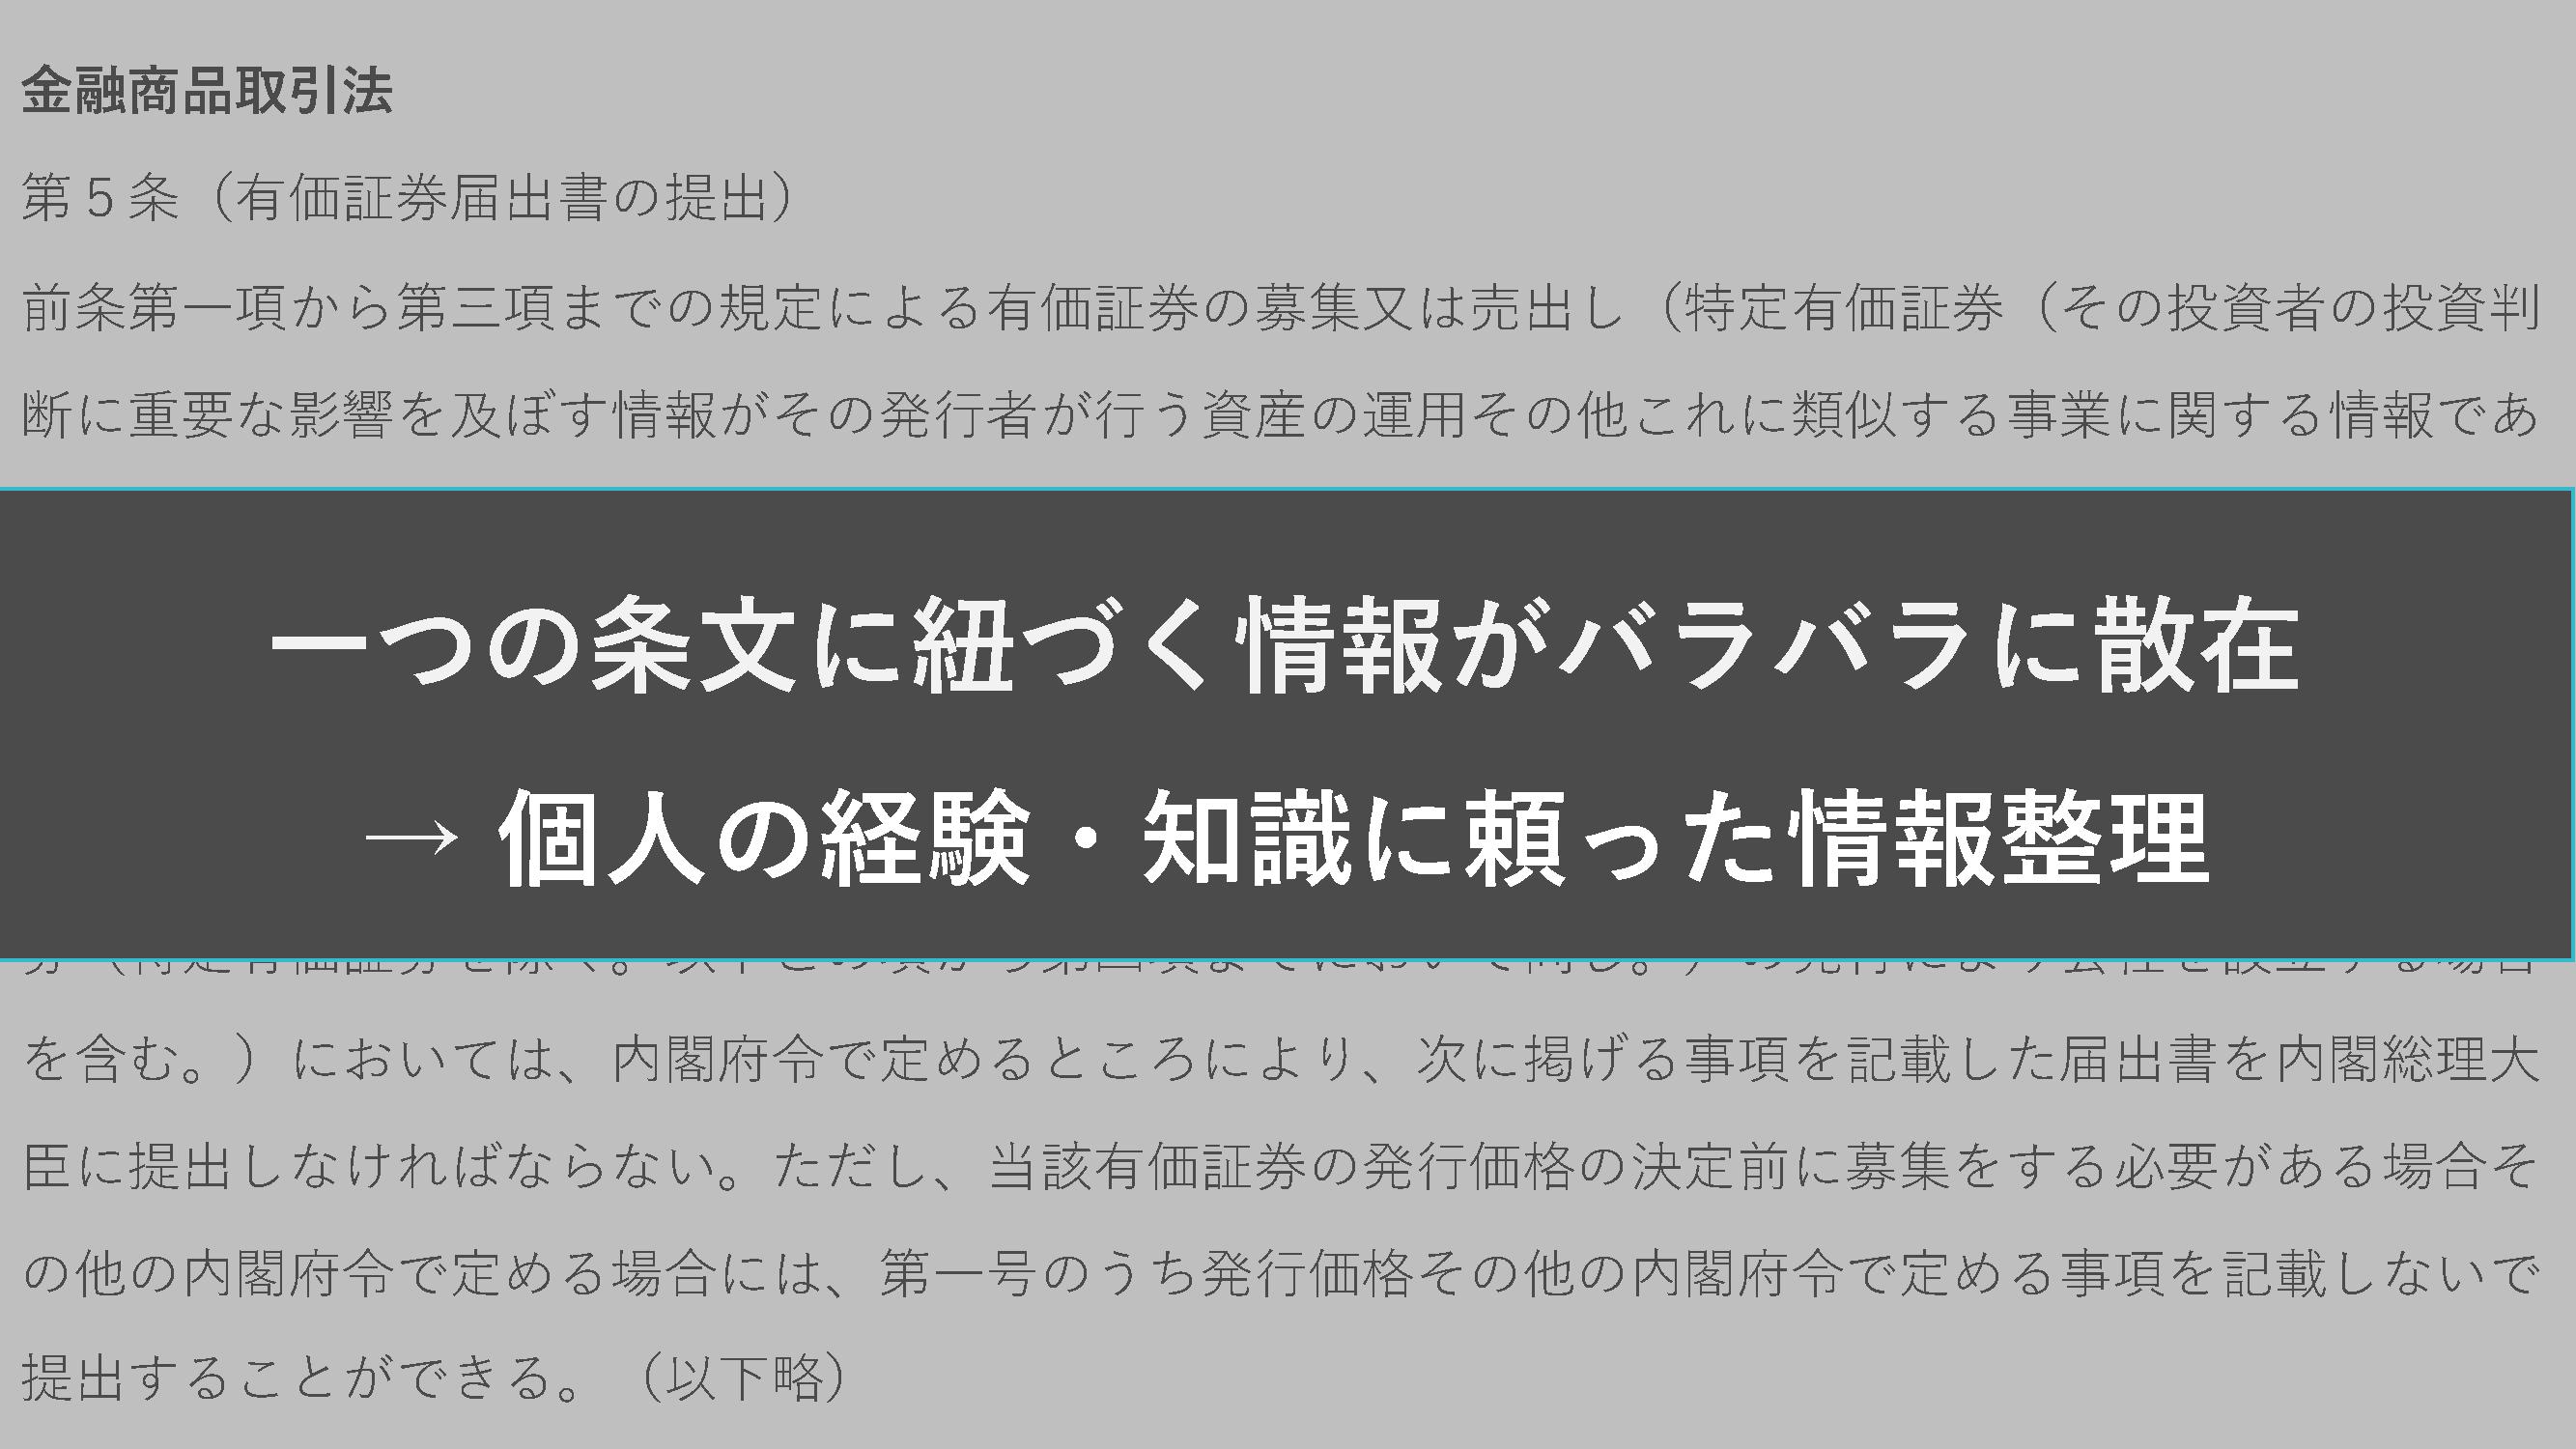 GGAプレゼン資料 2_アップ用_ページ_9.png